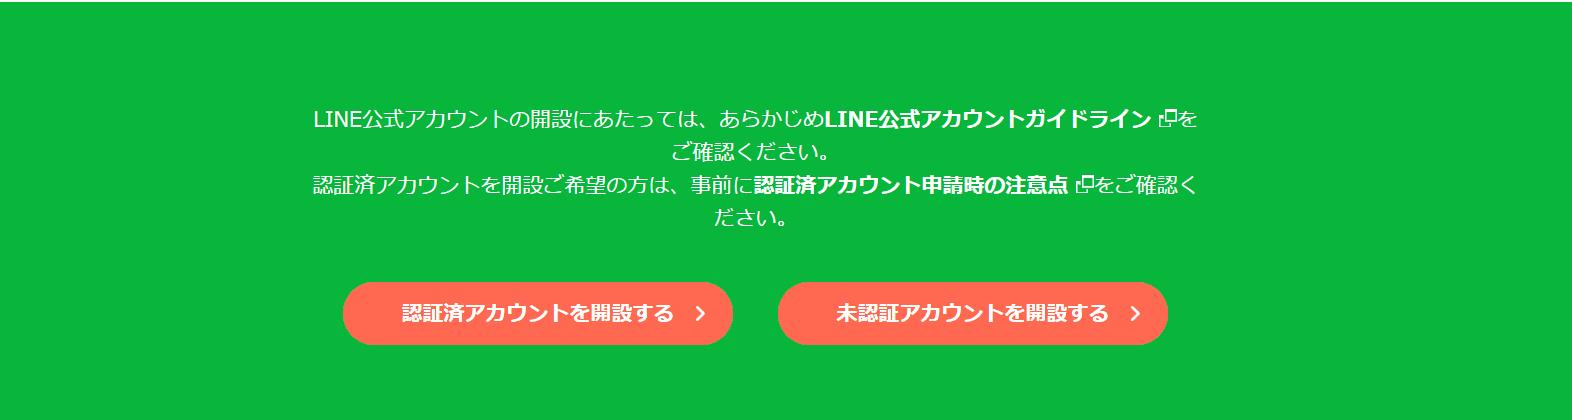 スクリーンショット 2020-05-22 17.43.48